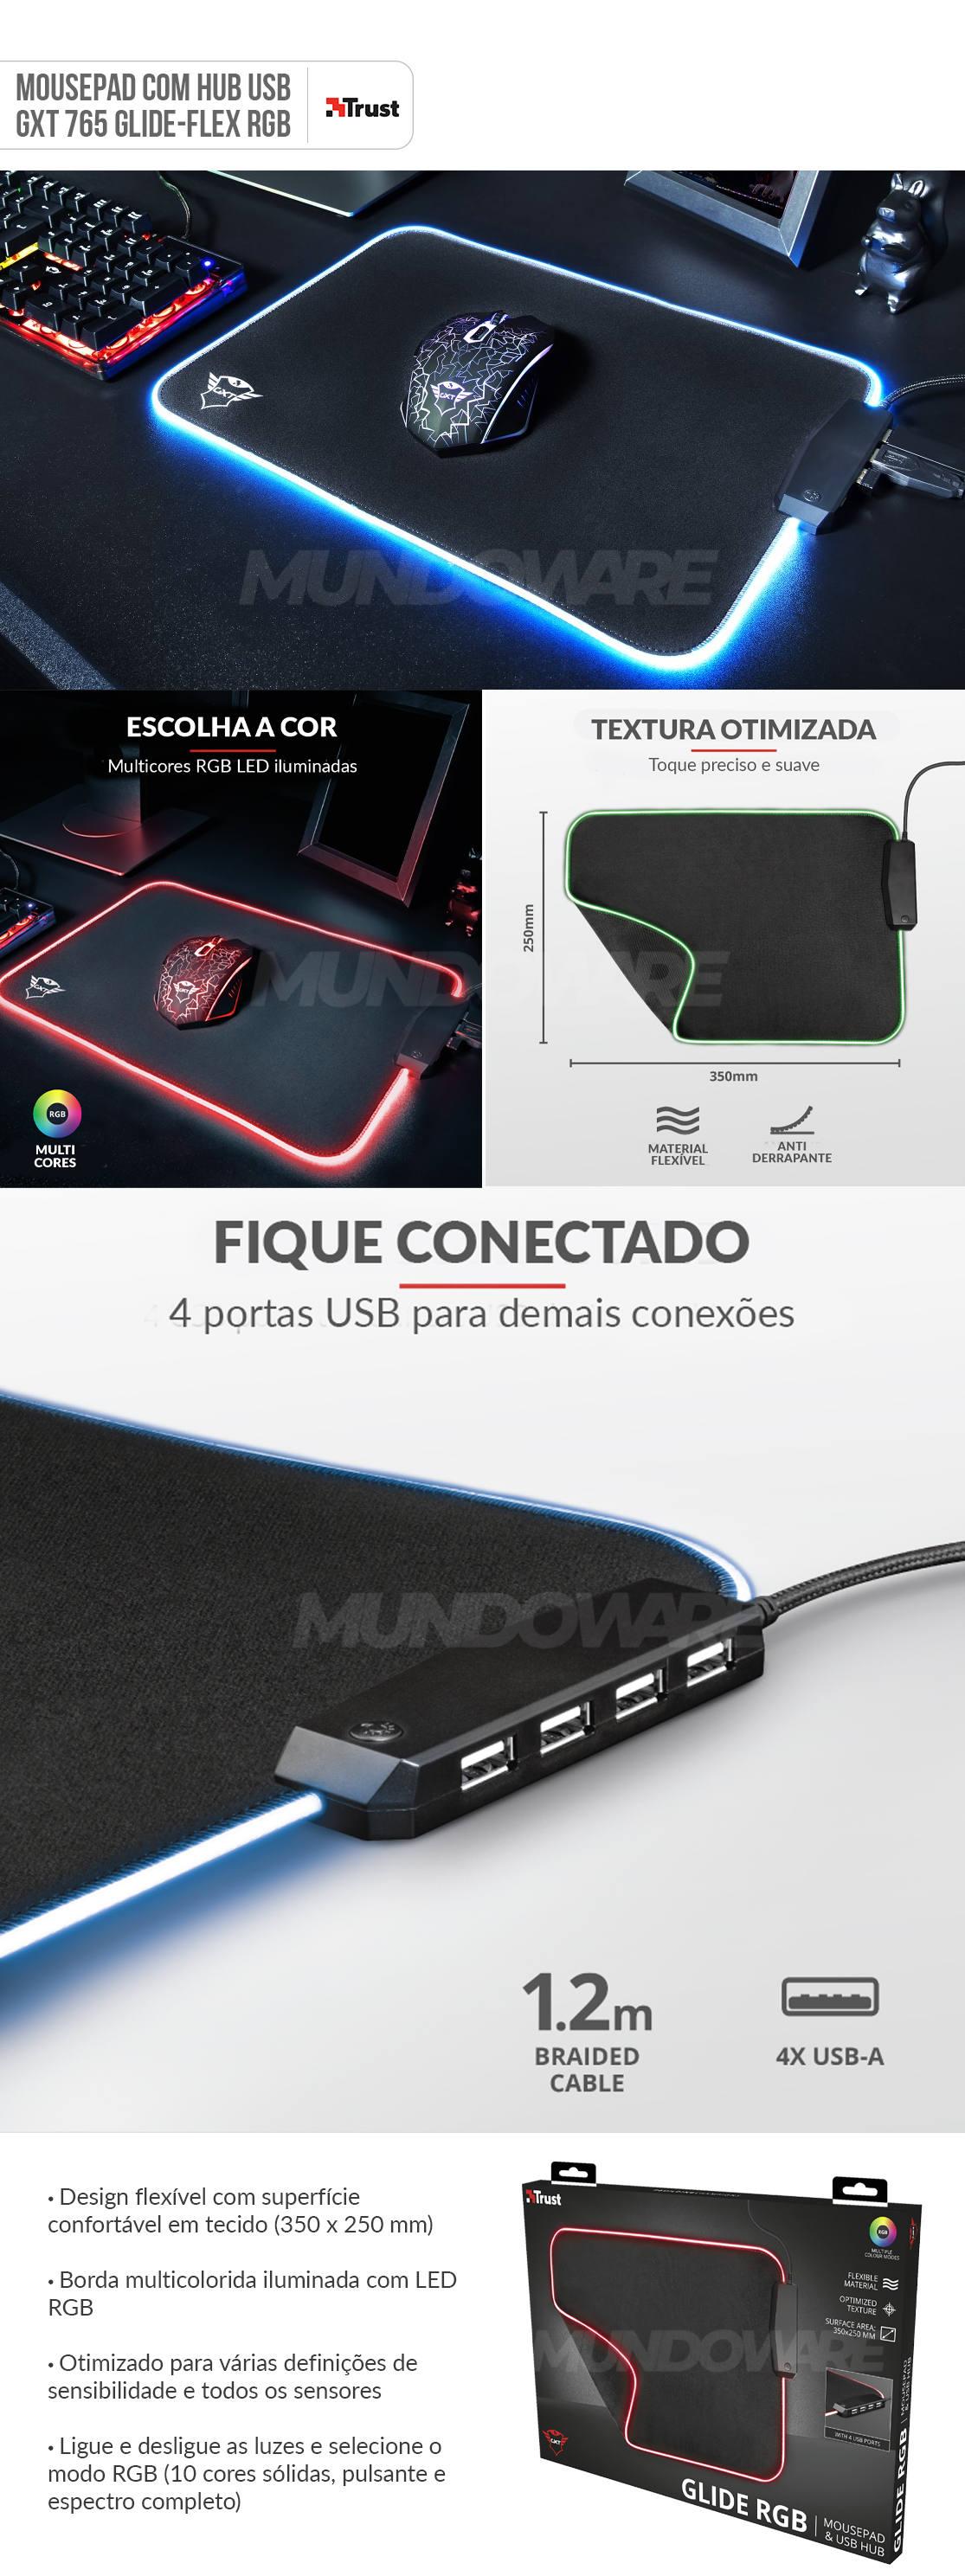 Mousepad Gamer com Hub USB 4 Portas integrado Bordas LED RGB 350x250x3mm Trust Glide GXT 765